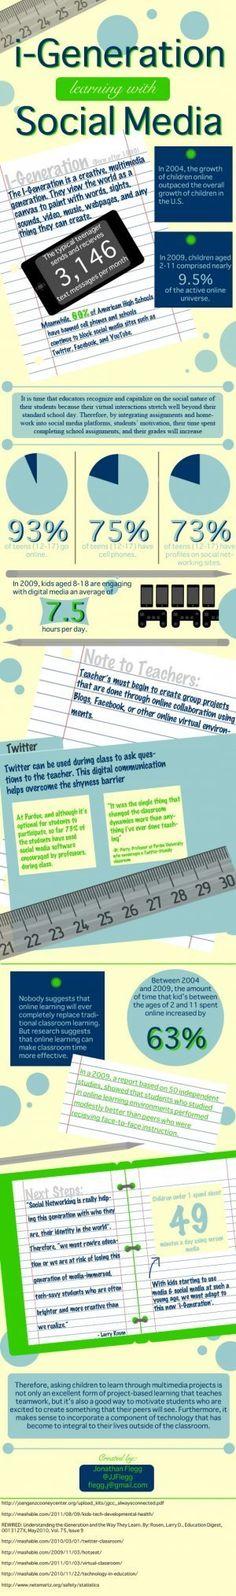 La i-Generación aprende con el Social Media#infografia